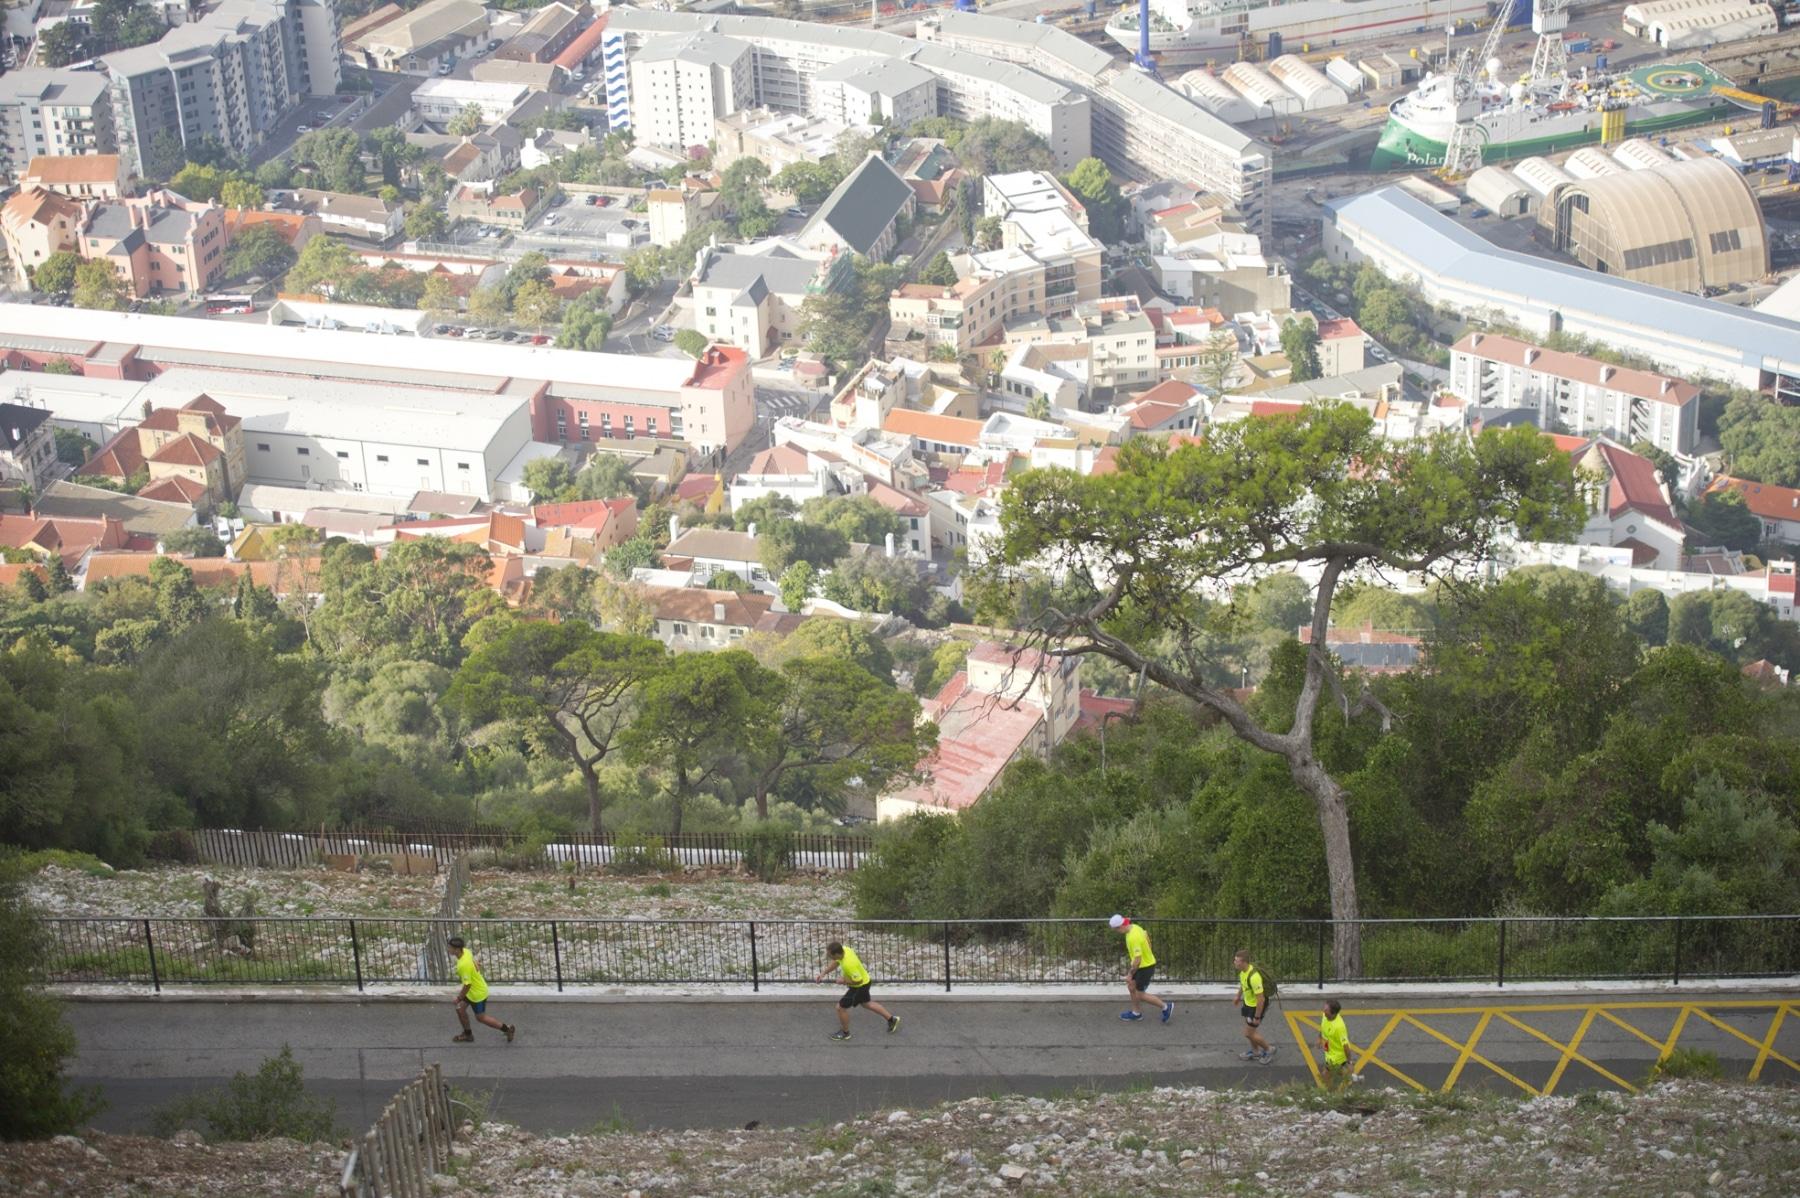 henry-cavill-en-la-carrera-del-350-aniversario-de-los-royal-marines-en-gibraltar-25-octubre-201434_15438130570_o